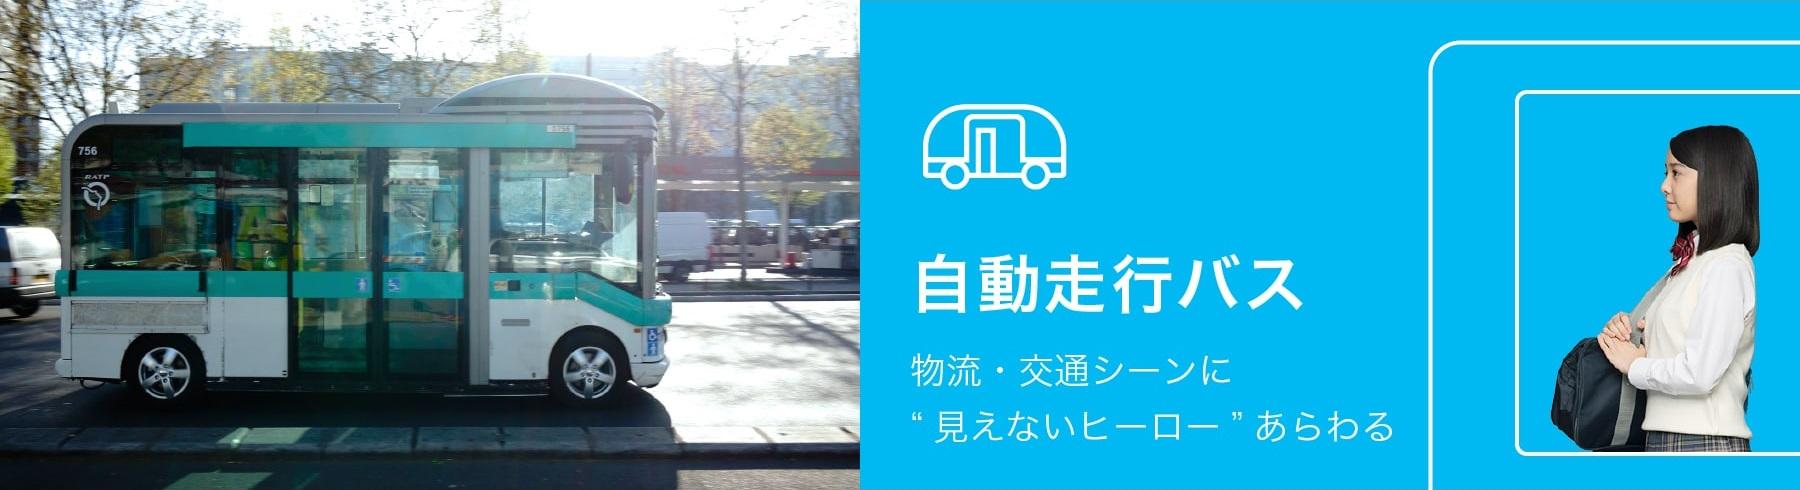 自動走行バス